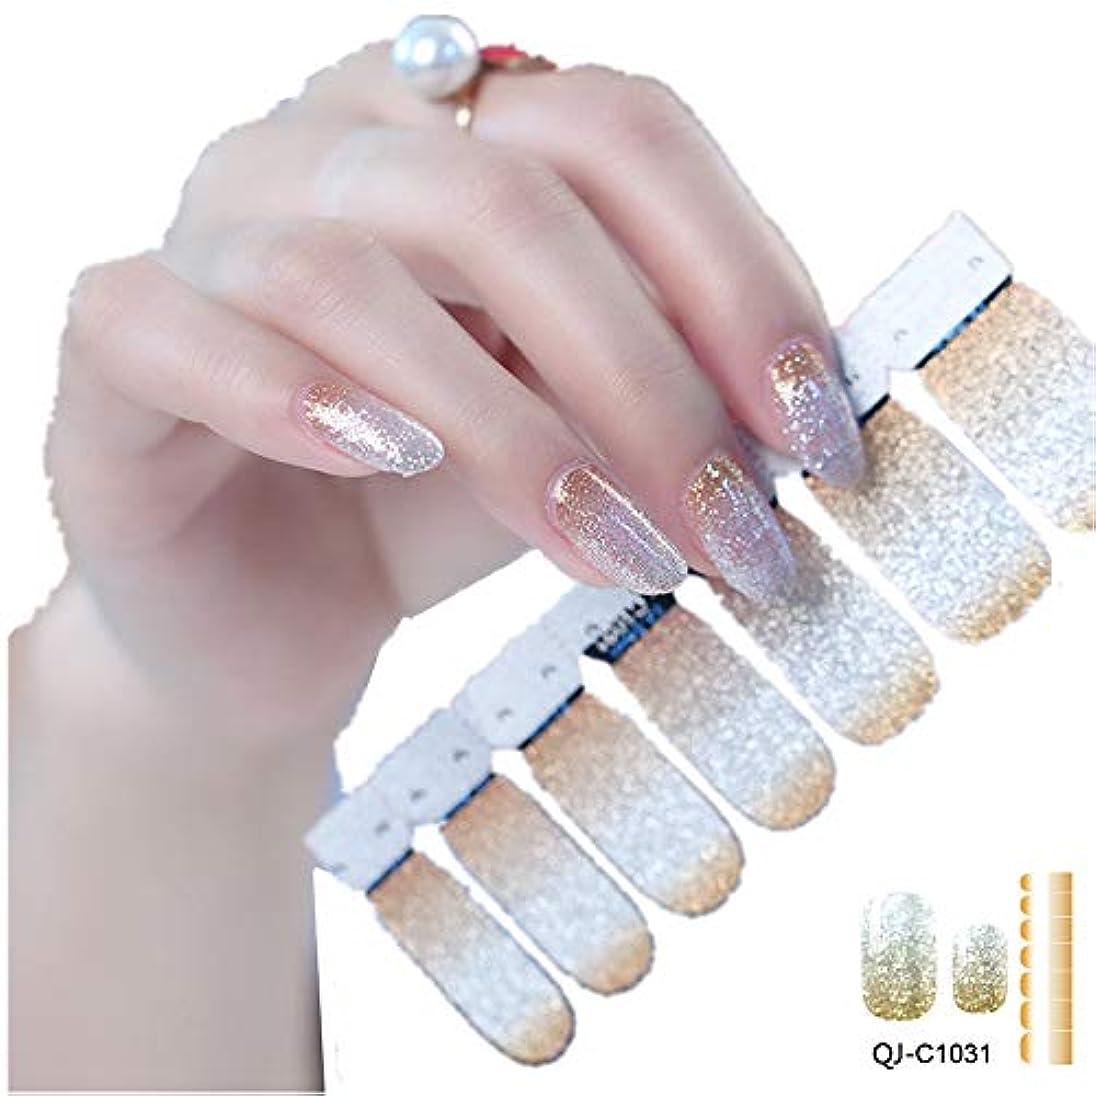 アナリスト光電人工的な1枚×14シール ネイルシール ネイルステッカー セット 貼るだけマニキュア 爪やすり1本付き (1031)